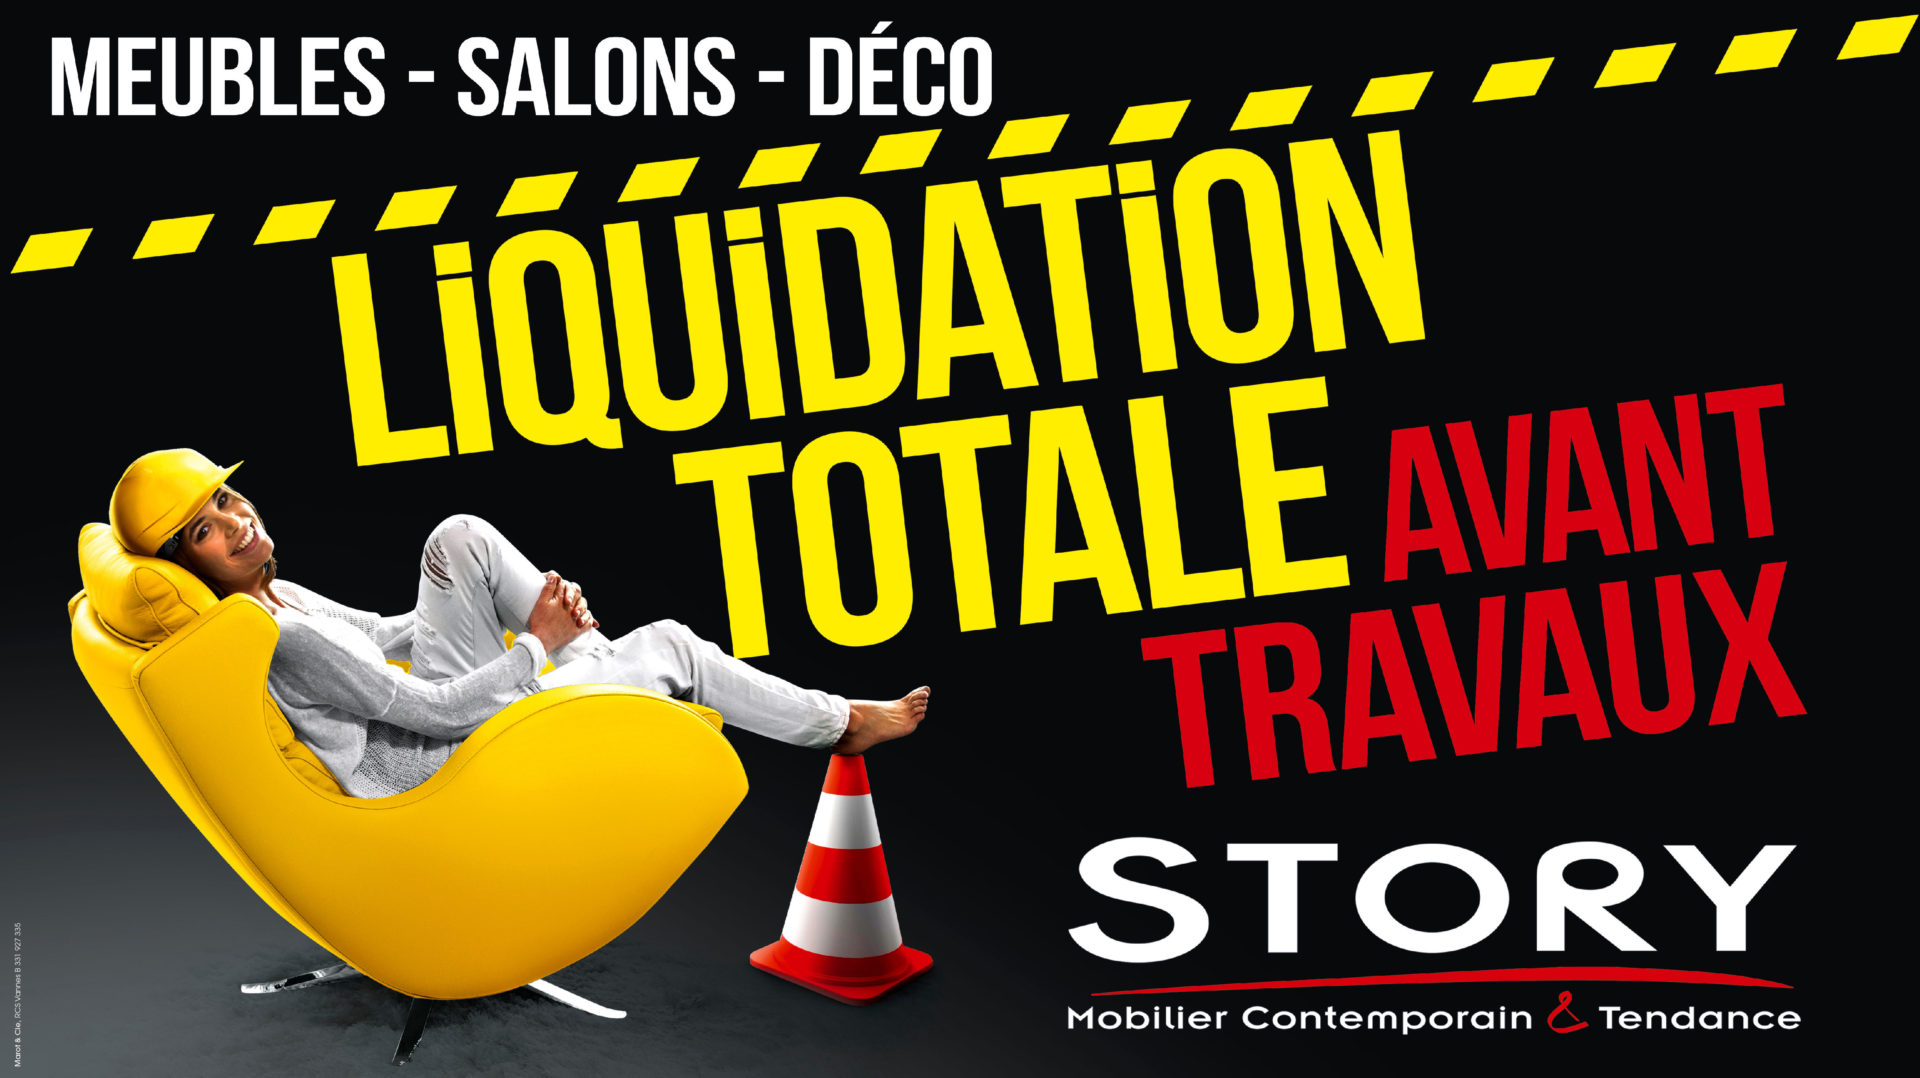 Magasin De Meuble Bourg En Bresse Story Mobilier Contemporain